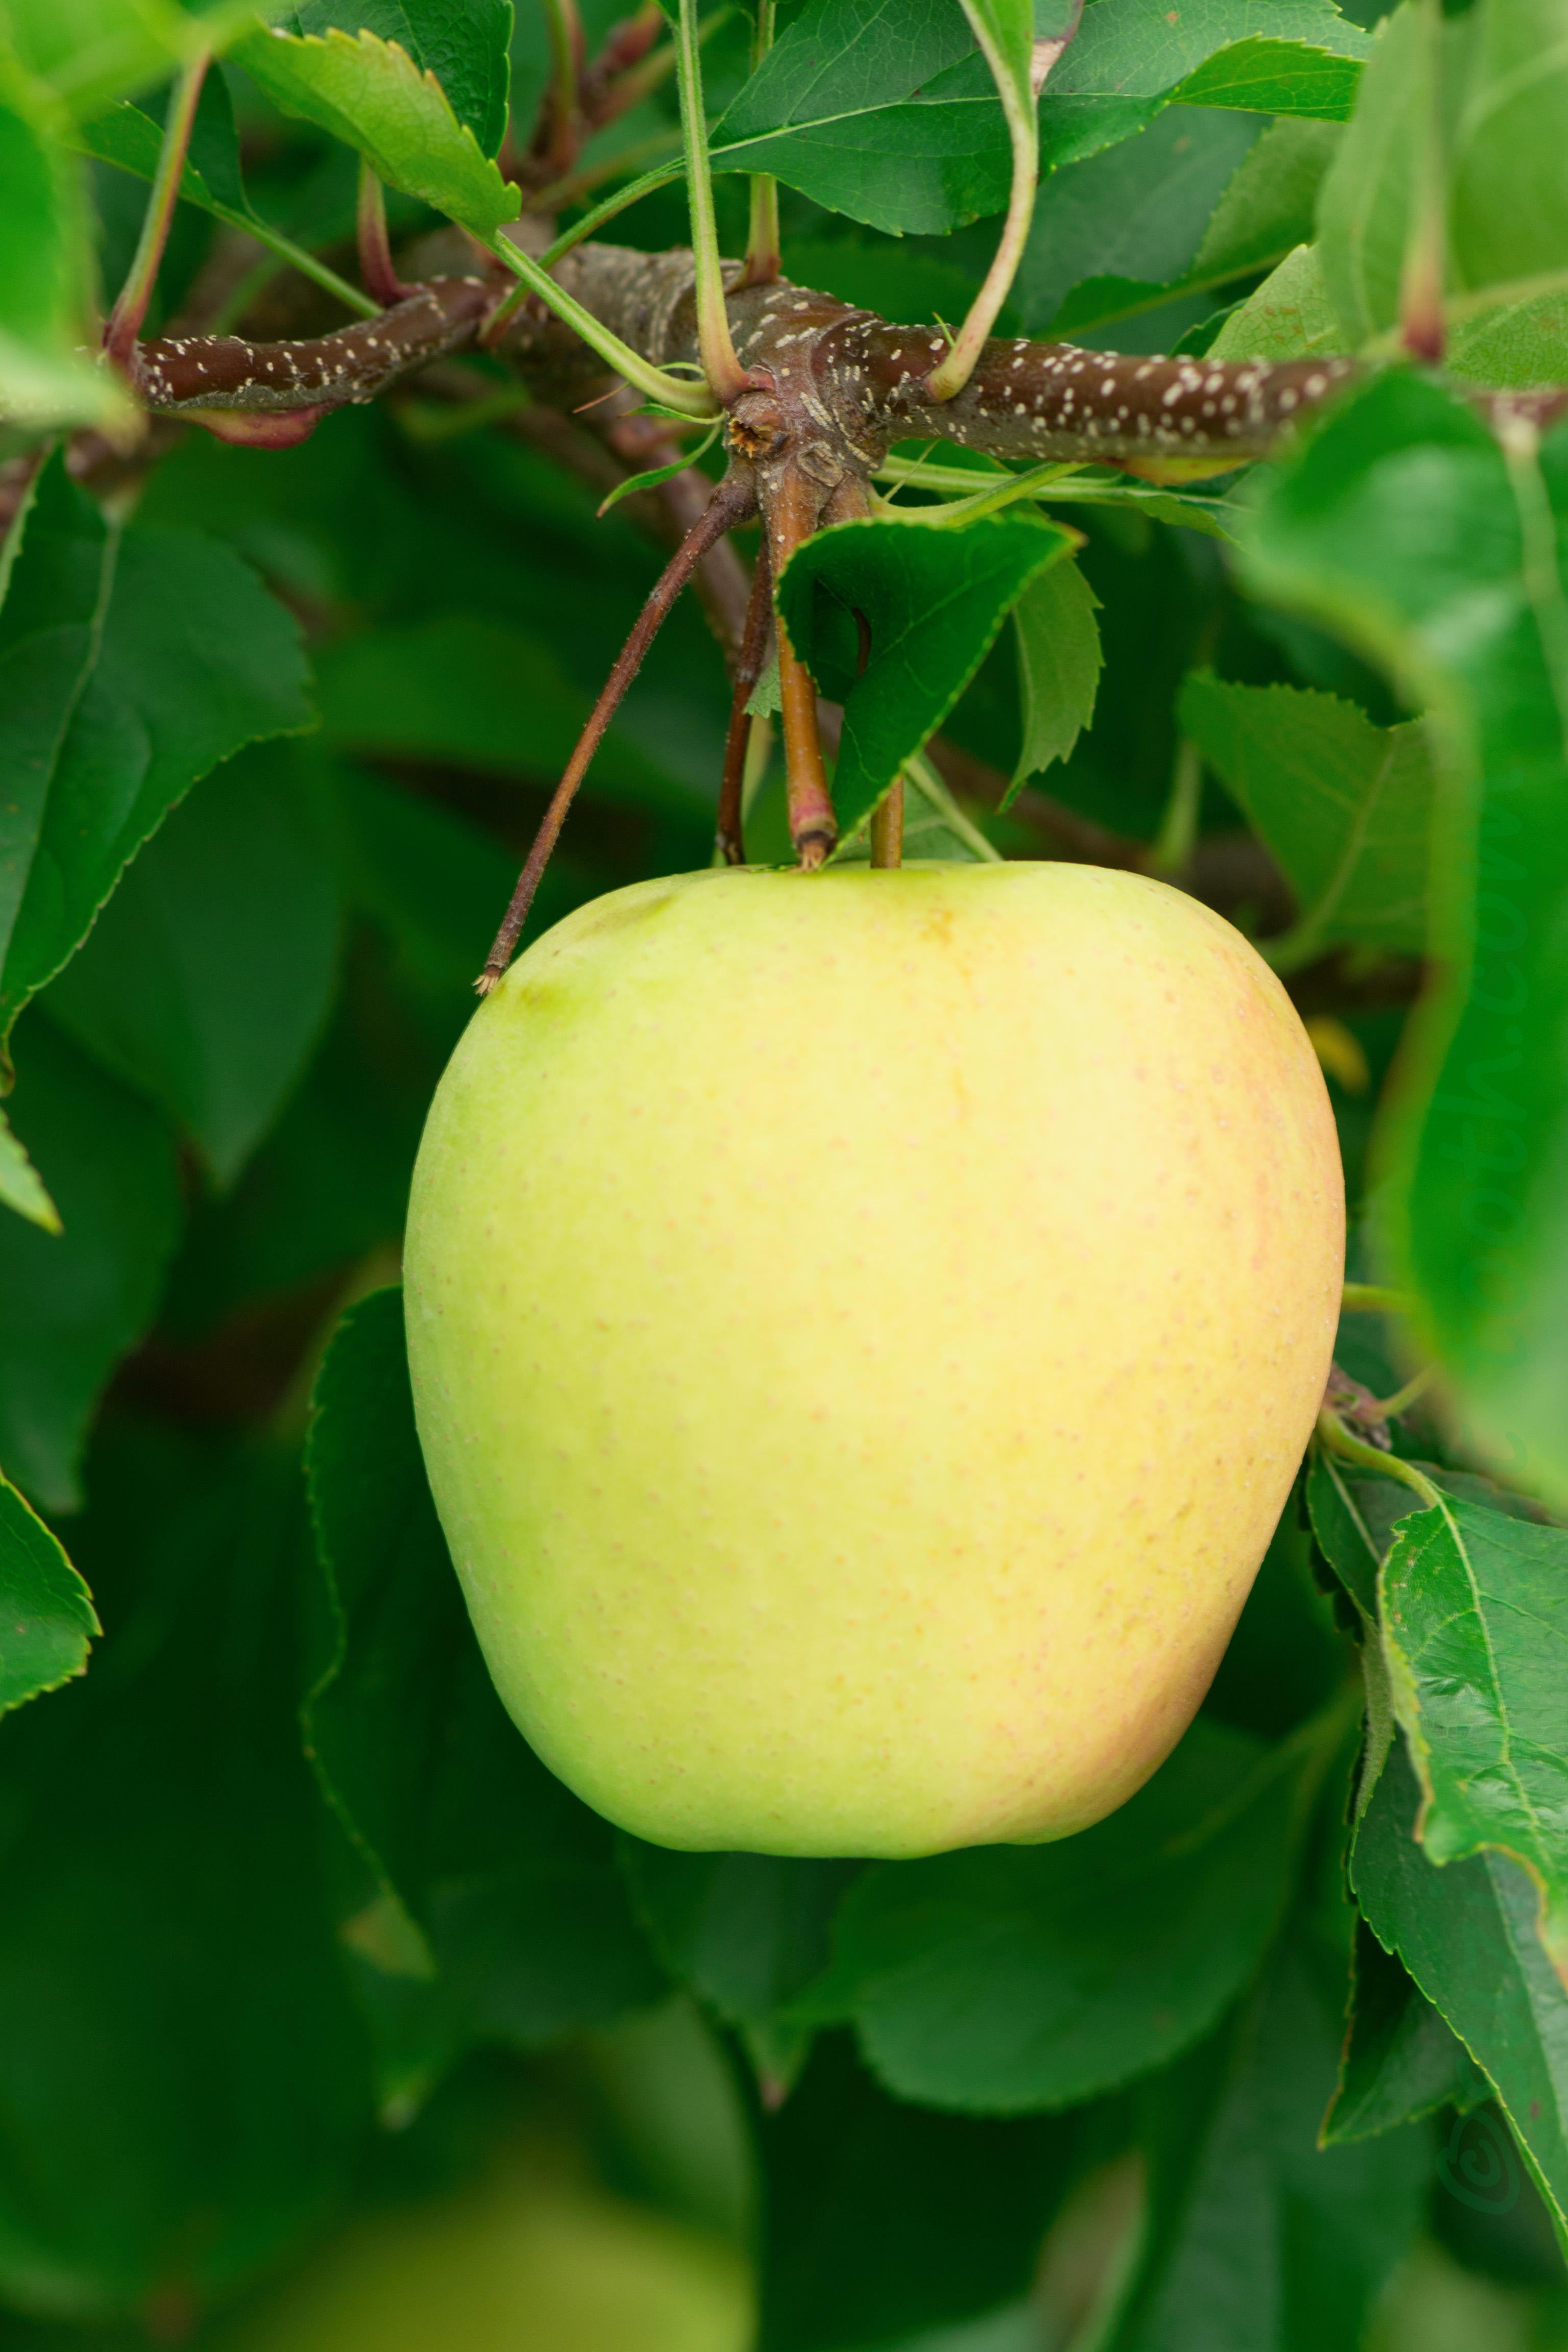 Яблоки голден – описание сорта с фото, калорийность, польза и вред, применение фрукта на ydoo.info